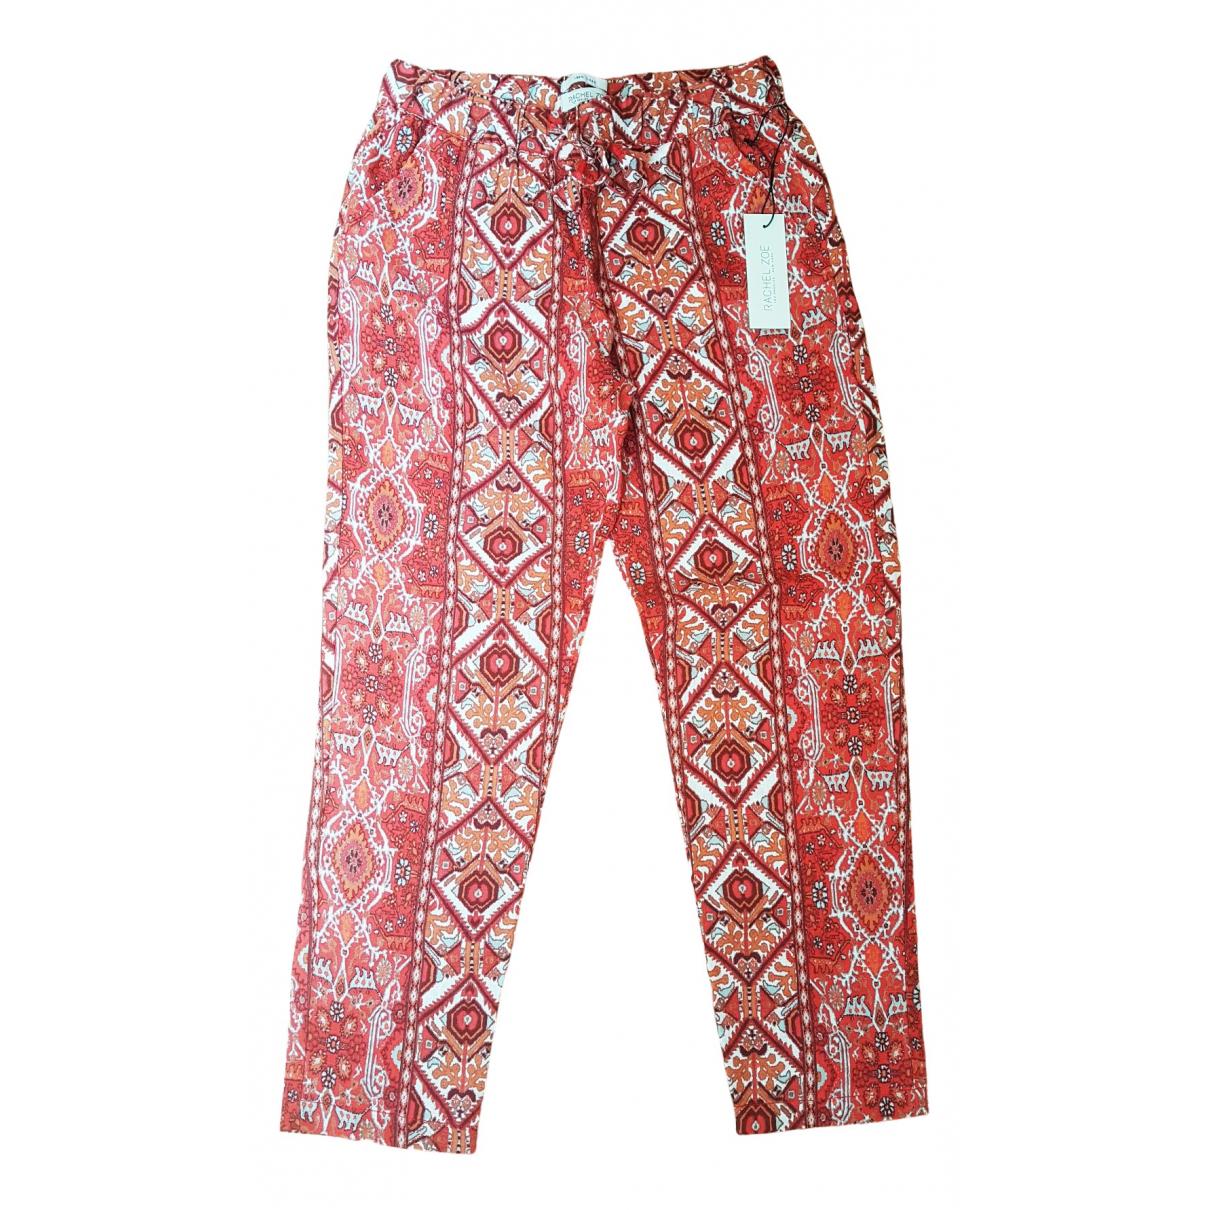 Pantalon de Lino Rachel Zoe